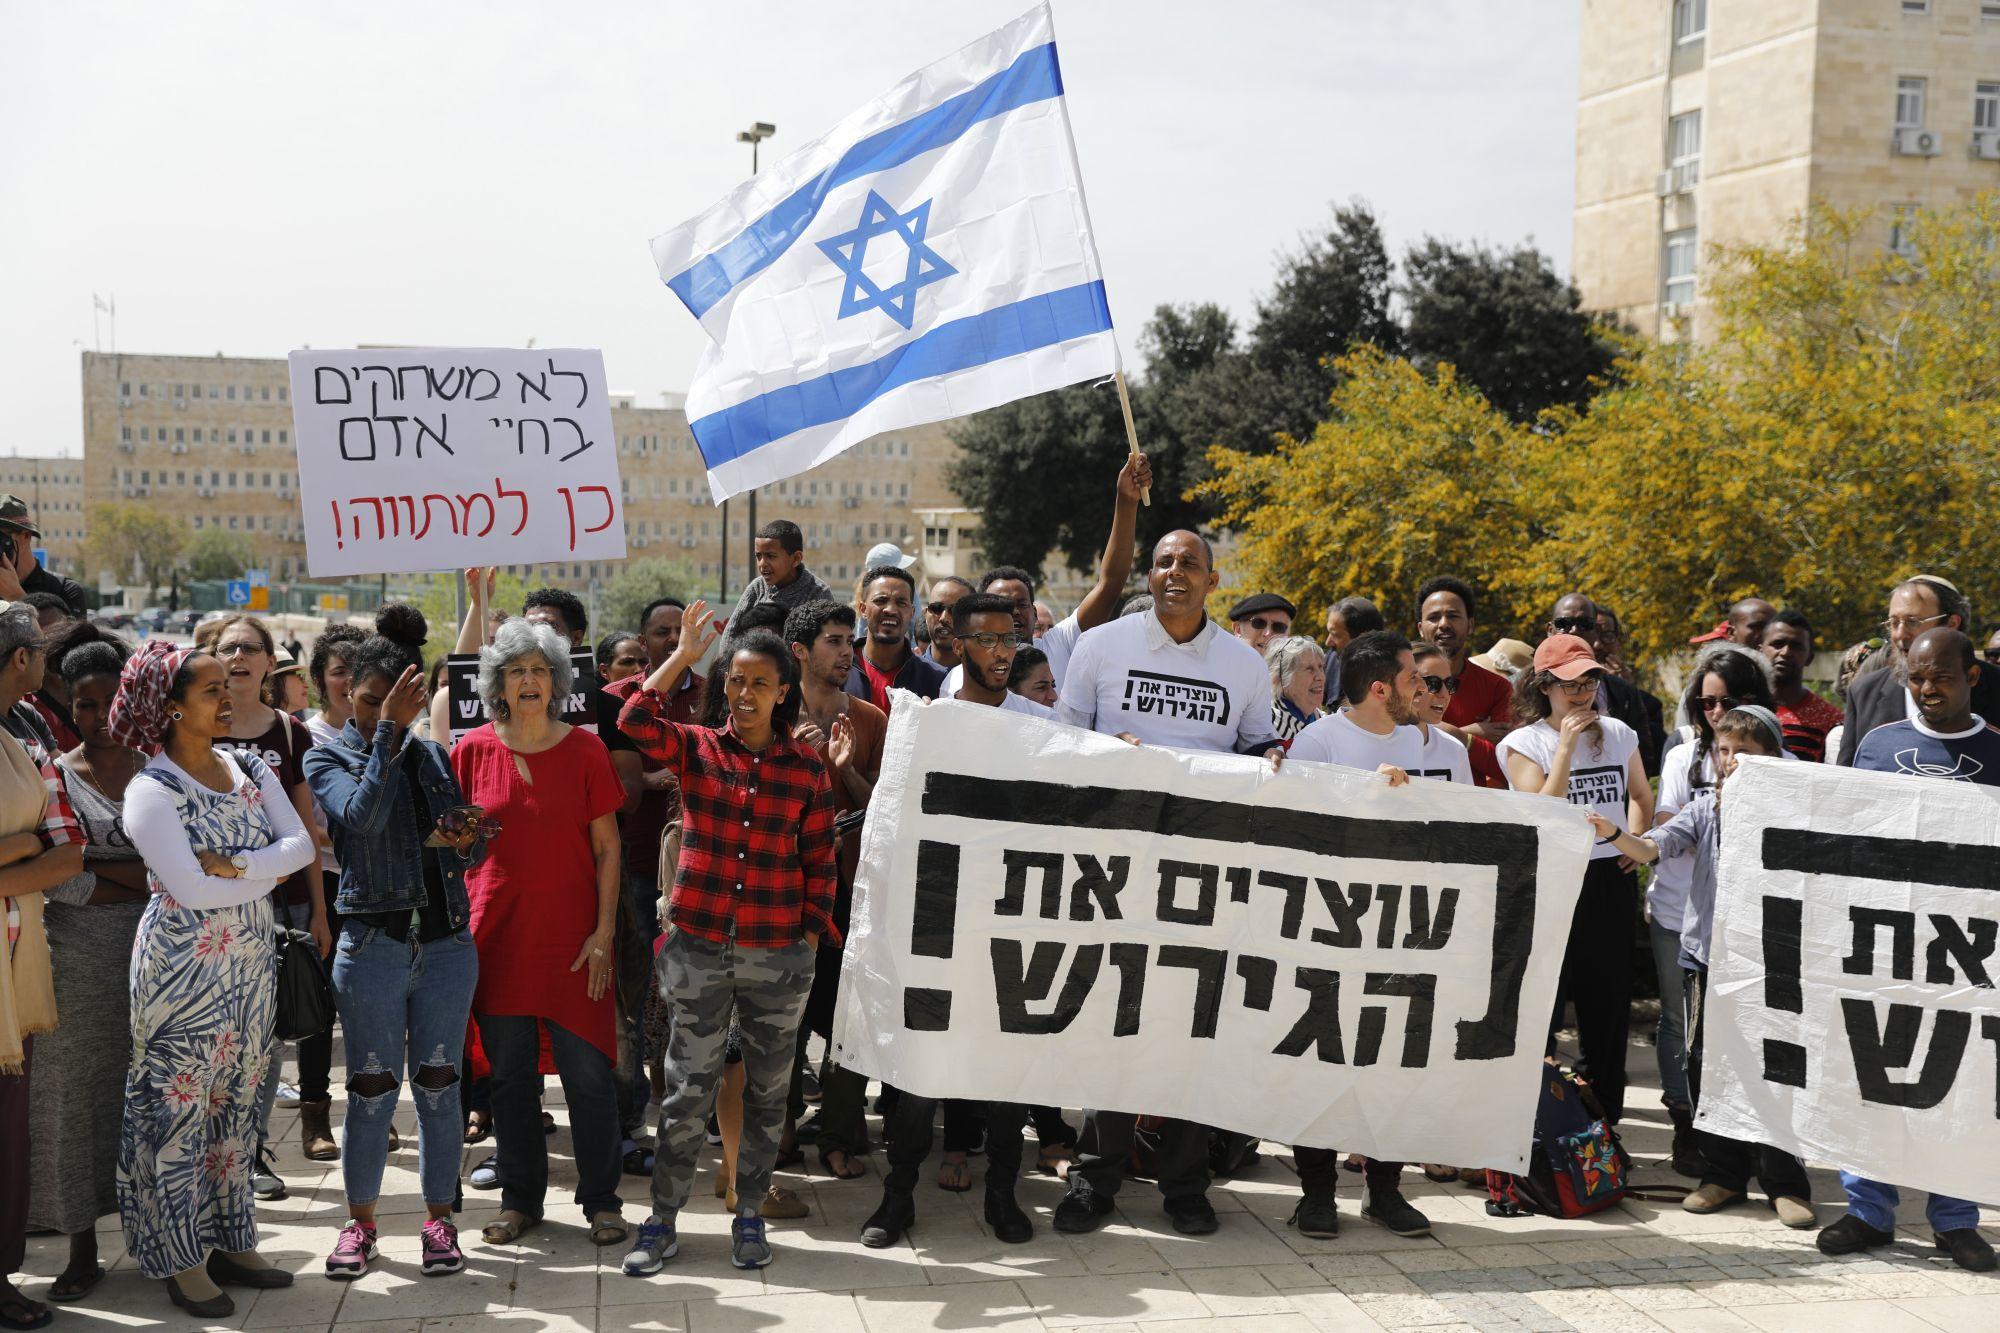 Afrikai menedékkérők és izraeliek tüntetnek az afrikai menekültek kitoloncolása ellen a miniszterelnöki hivatal előtt Jeruzsálemben, 2018. április 3-án. Netanjahu politikai nyomásra felmondta az ENSZ-szel kötött menekültügyi megállapodást.  EPA/ABIR SULTAN